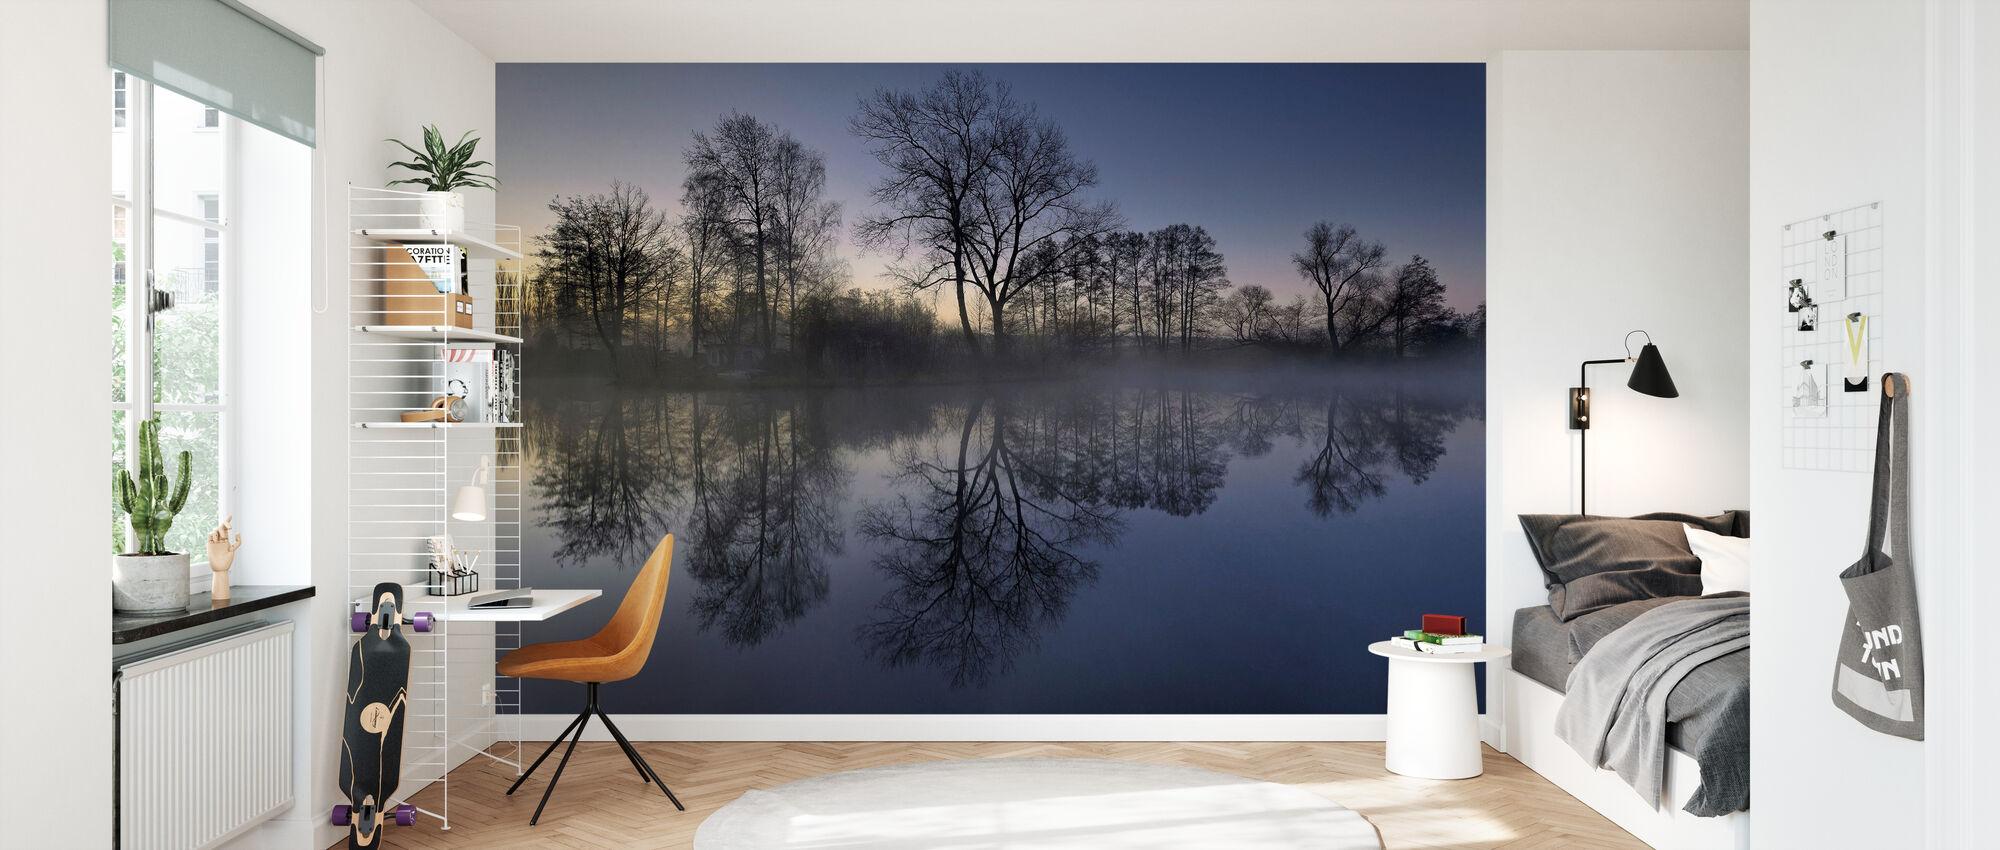 Simple Beauty - Wallpaper - Kids Room